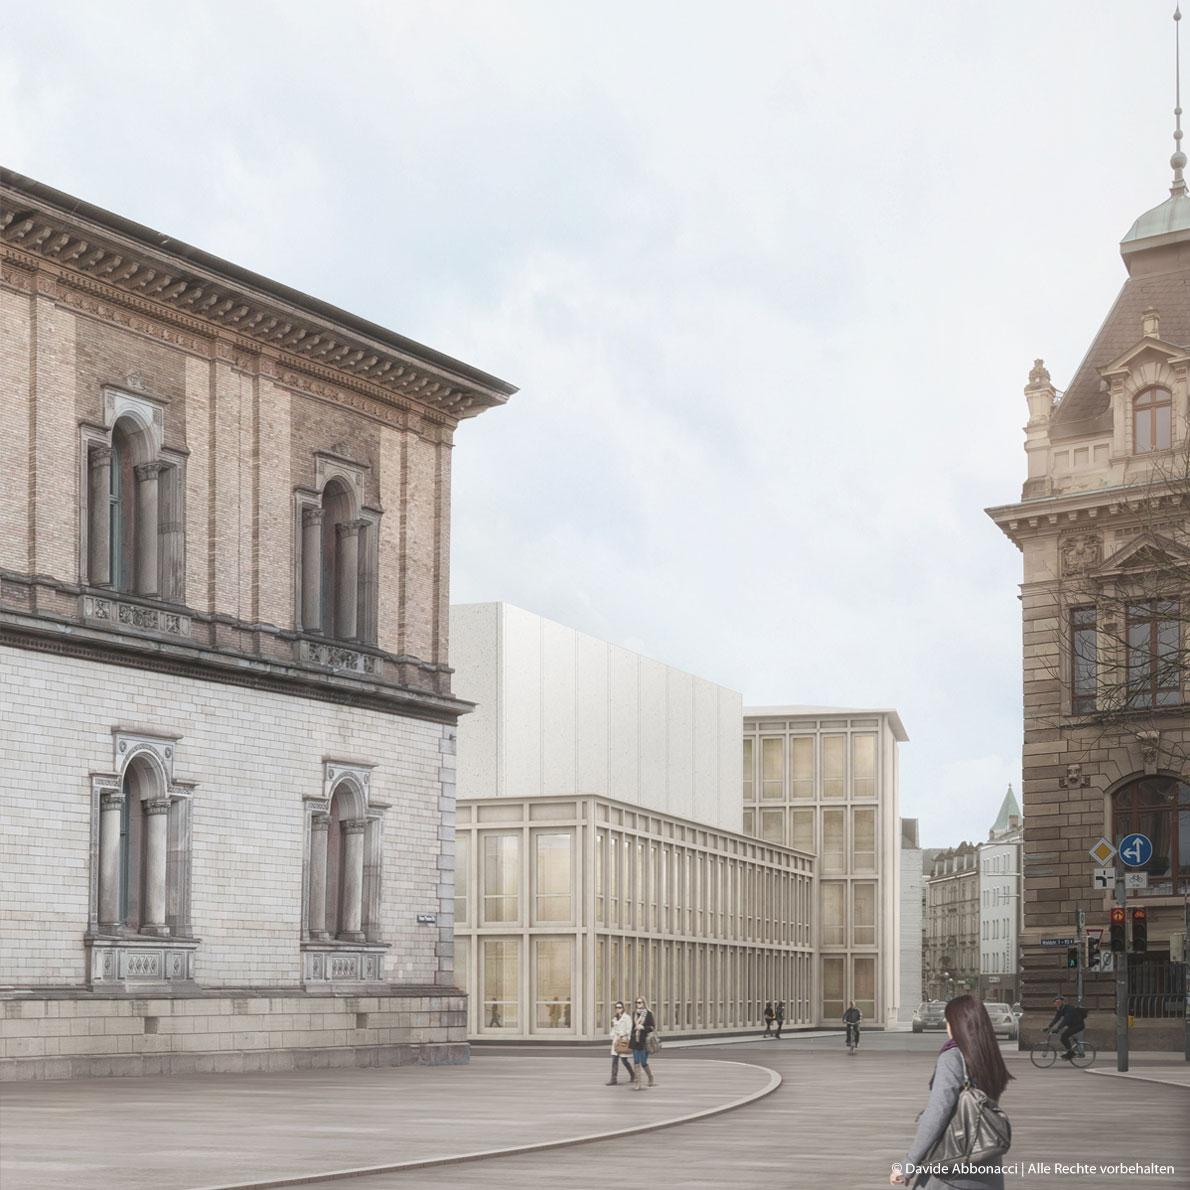 Staatliche Kunsthalle Karlsruhe   Kuehn Malvezzi Architekten   2017 Wettbewerbsvisualisierung